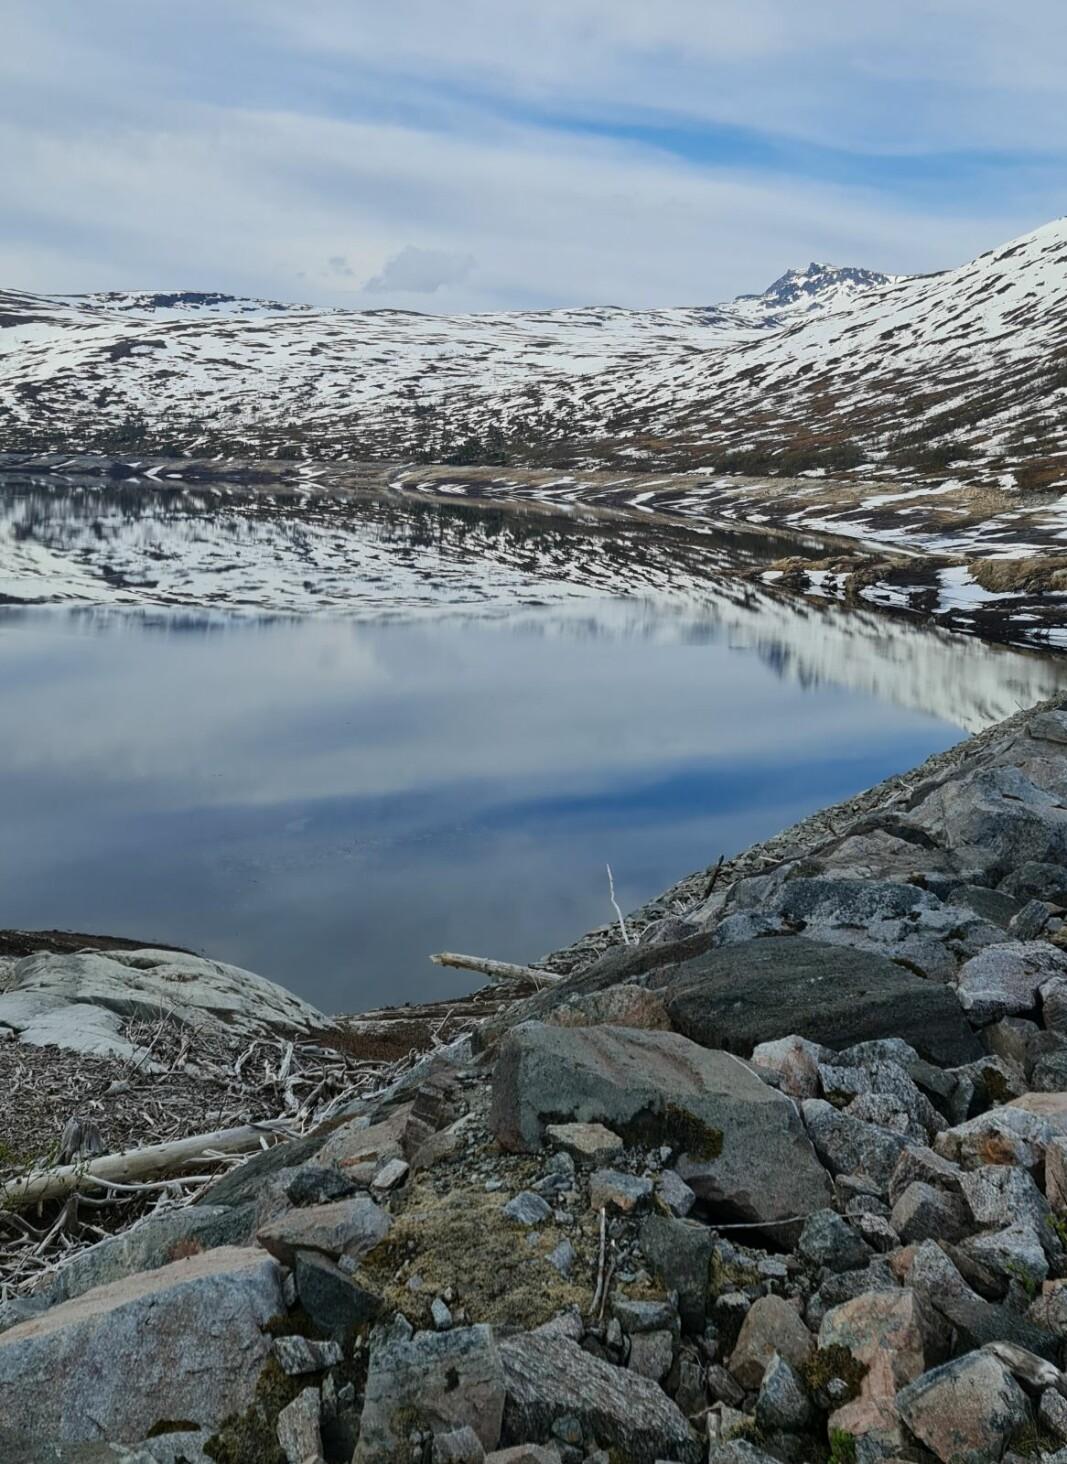 Morgenbilde fra Gråsjøen. Med snota i bakgrunnen.